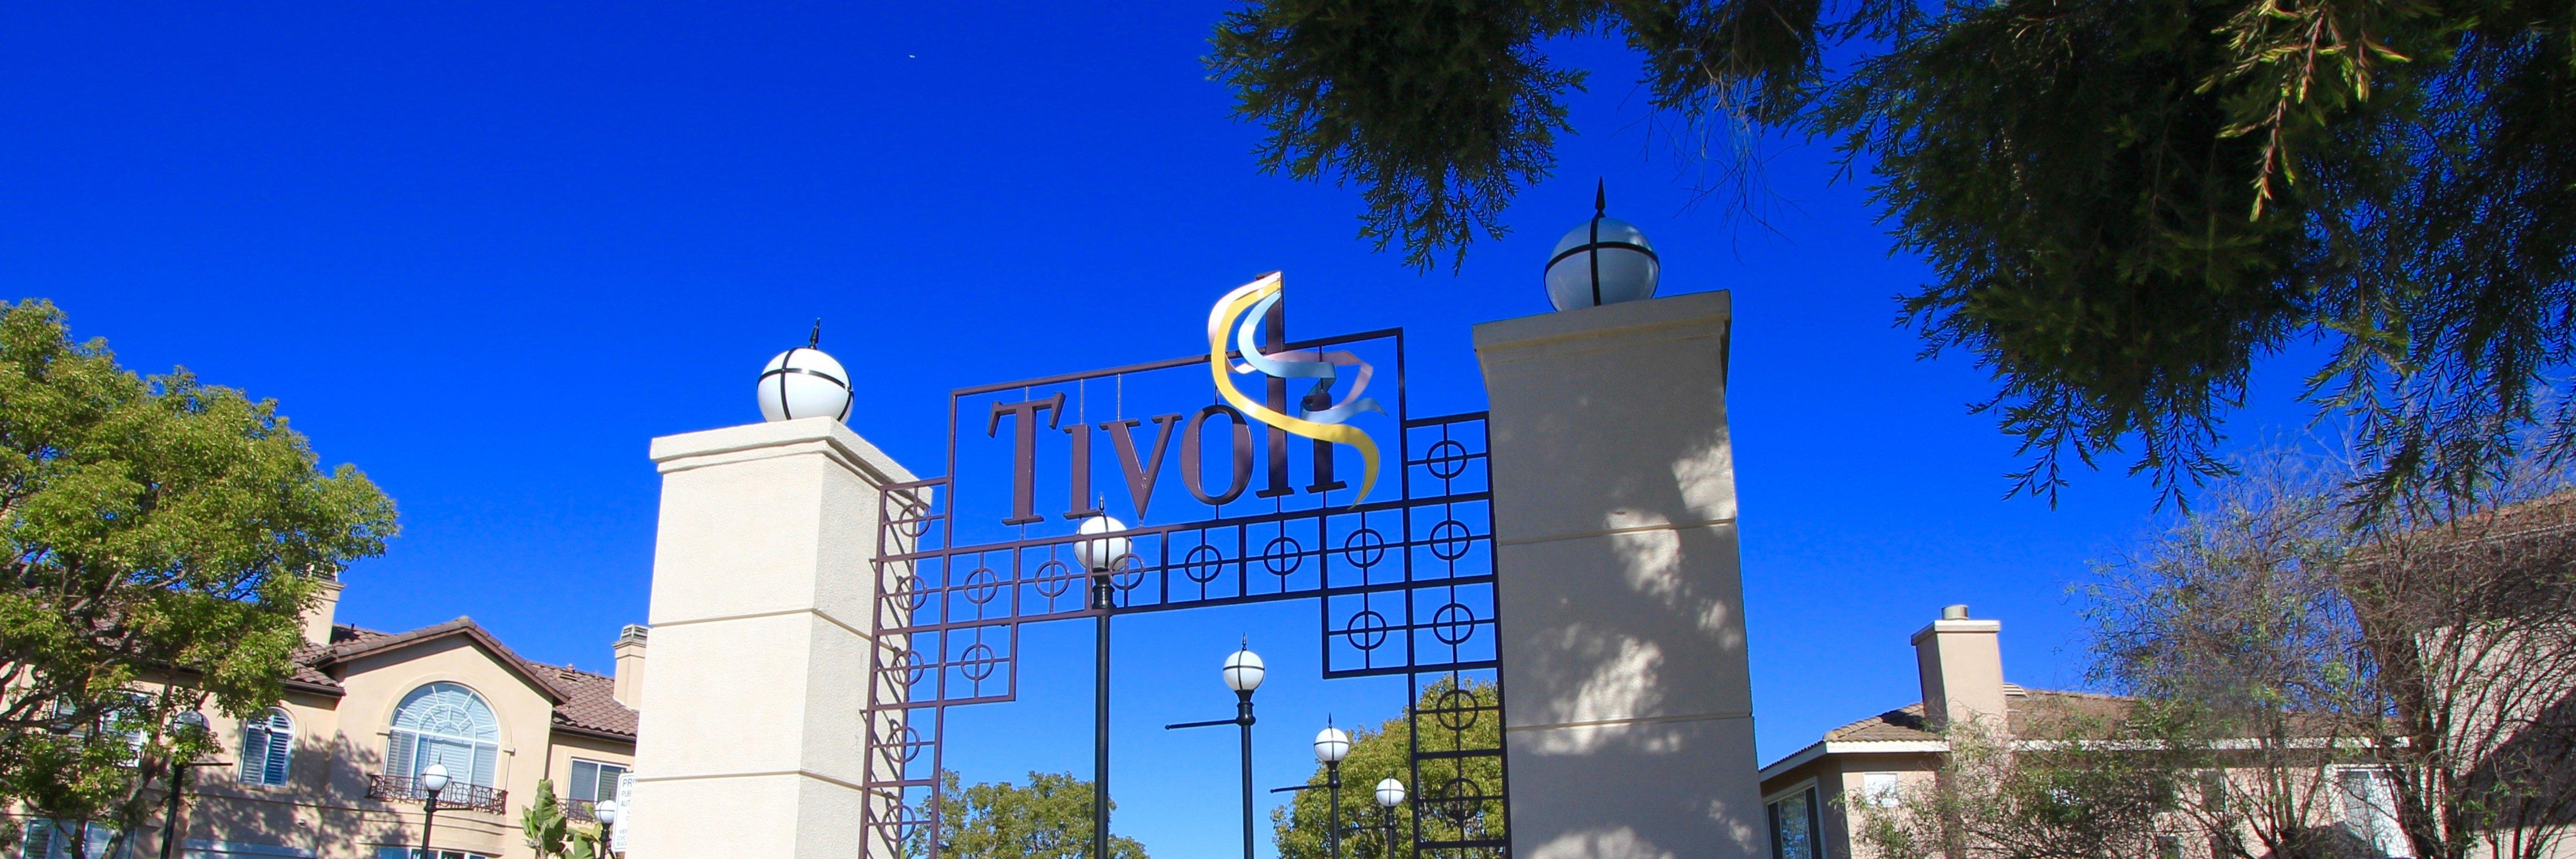 Tivoli Community Marquee in Aliso Viejo Ca